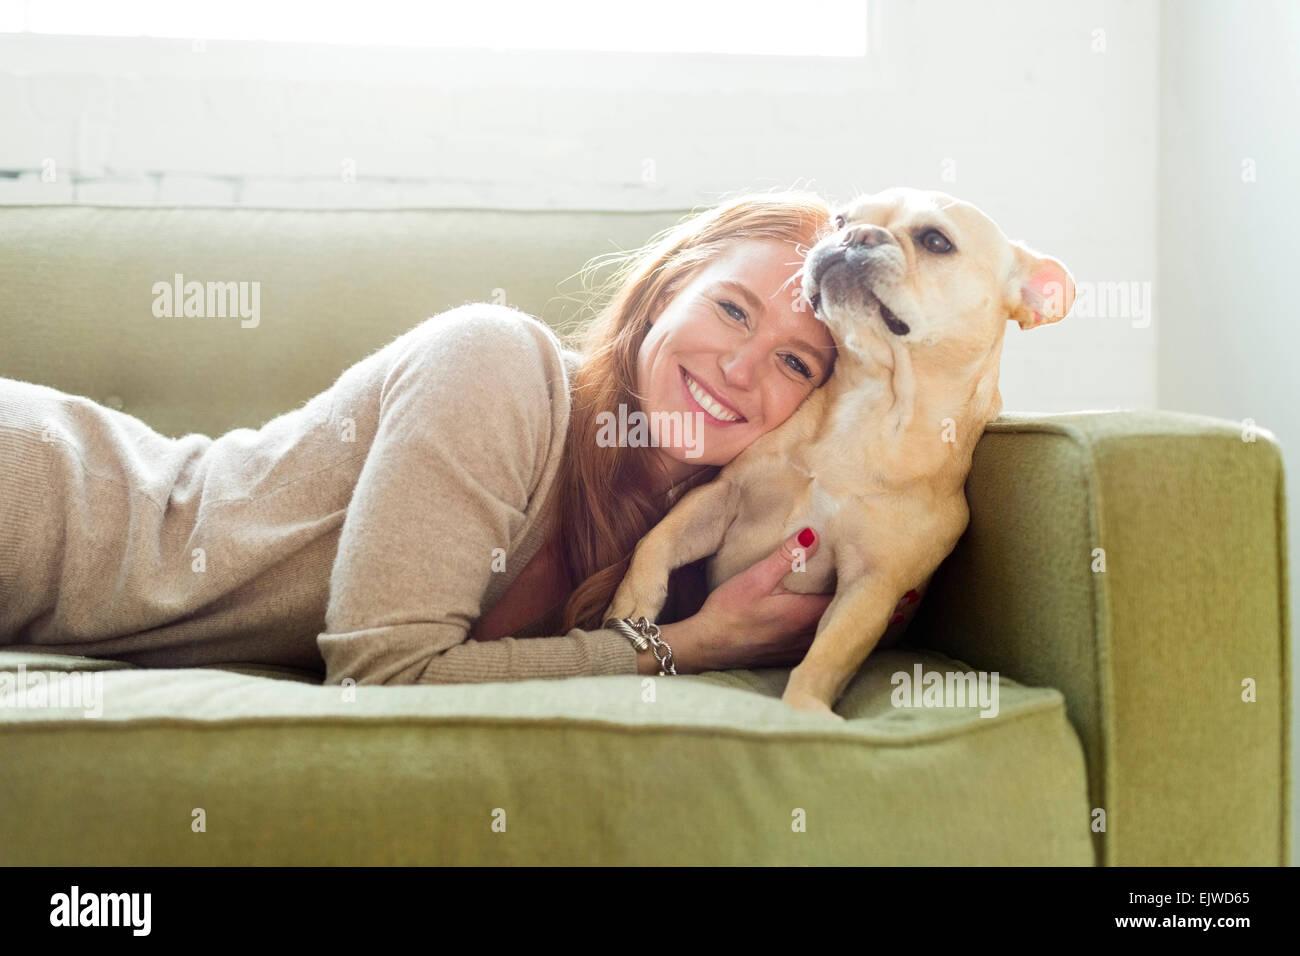 Woman lying on sofa embracing pug - Stock Image